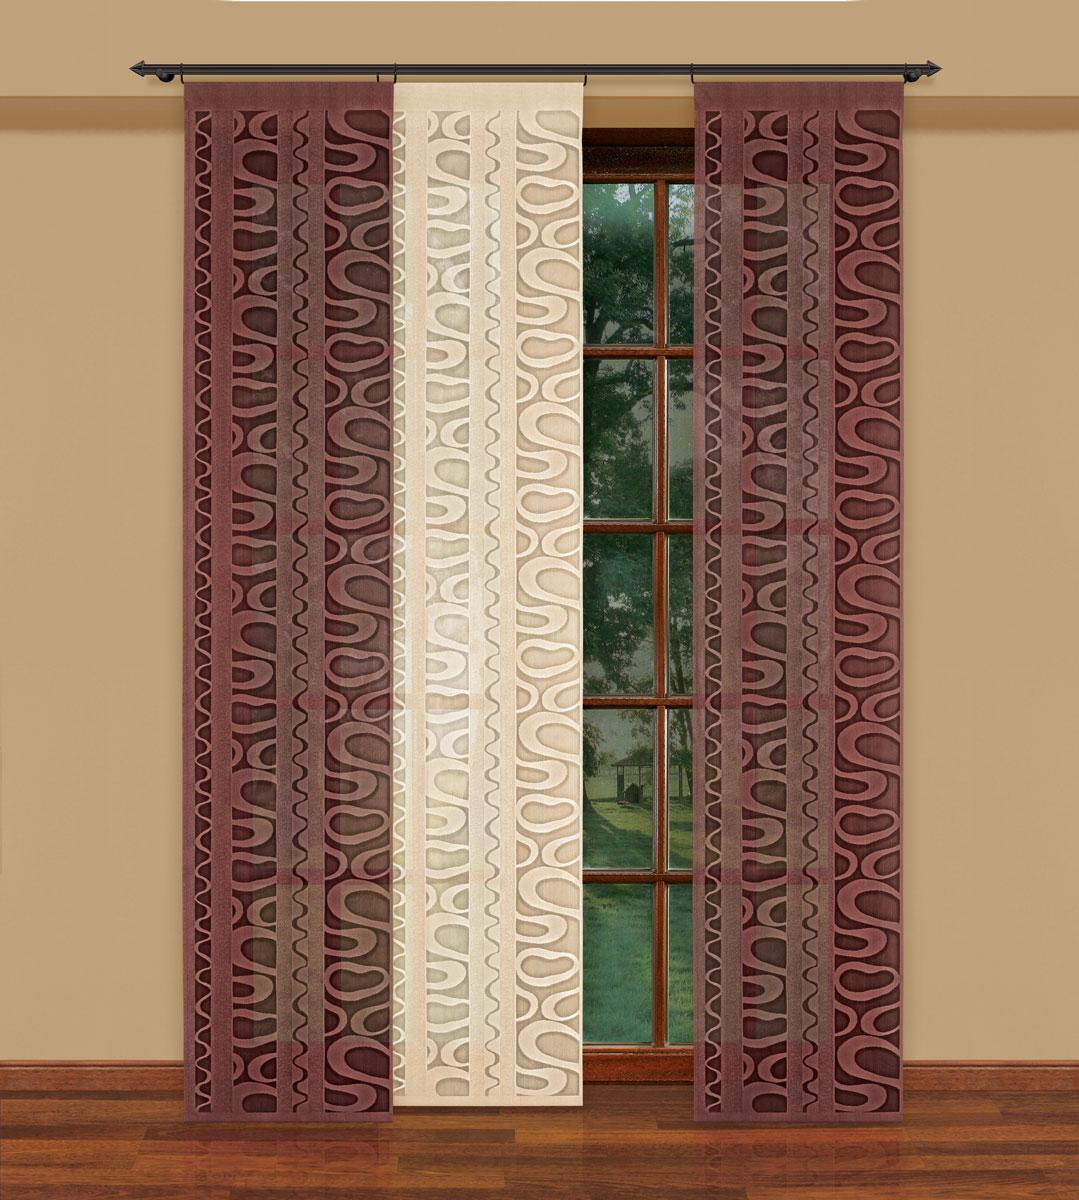 Гардина-панно Haft, цвет: кремовый, высота 250 см. 207350/50207350/50кремГардина-панно Haft, изготовленная из полиэстера, станет великолепным украшением любого окна. Это отличное решение как для гардины на окно, так и для портьеры в дверной проем или просто занавески для разграничения пространства в комнате. Тонкое плетение и оригинальный рисунок в виде цветов привлекут к себе внимание и органично впишутся в интерьер комнаты.